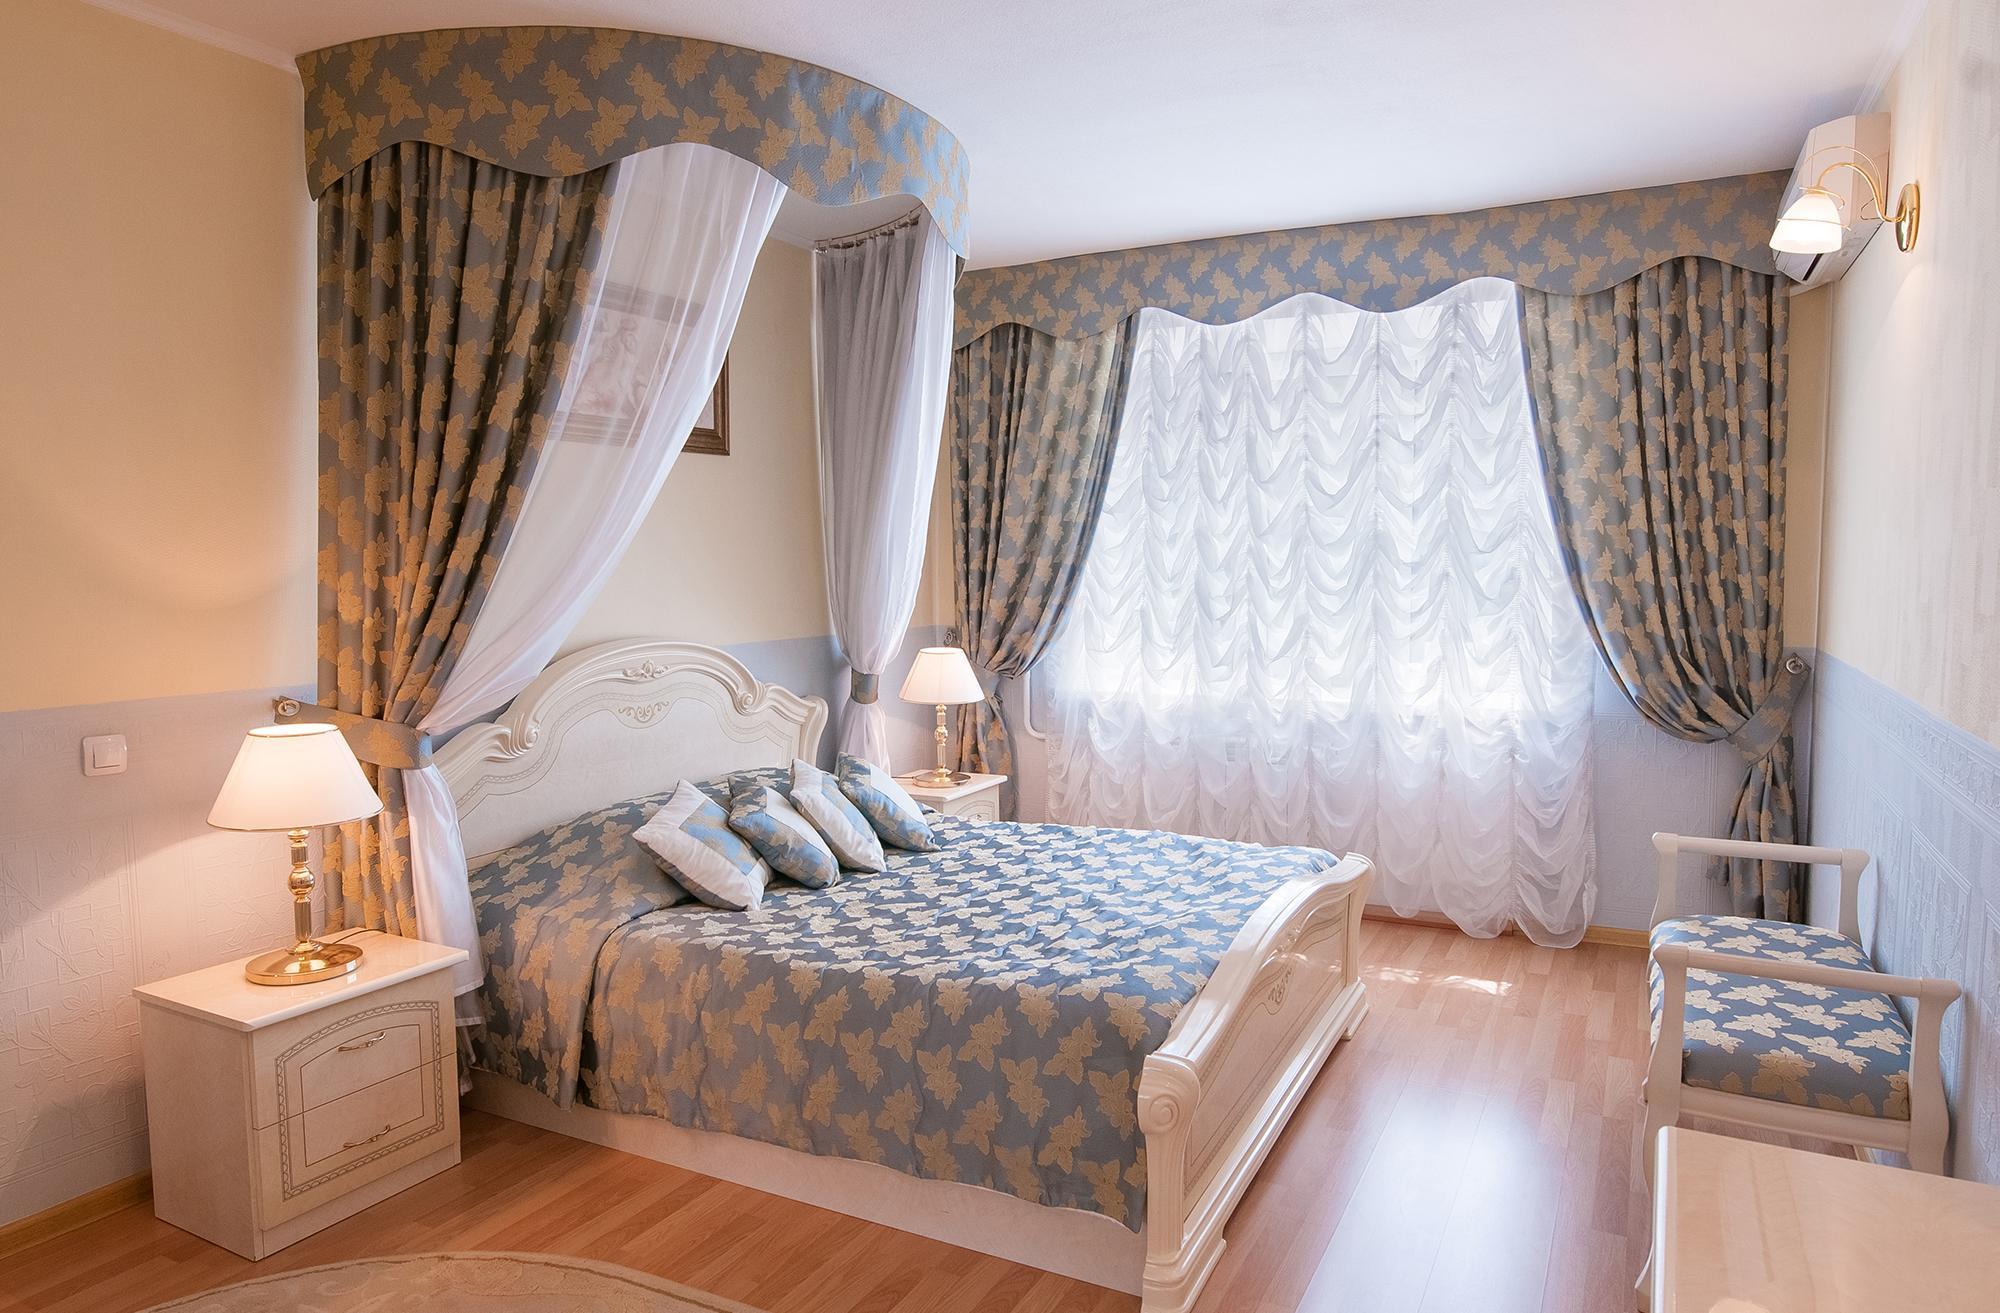 Балдахин над кроватью в неоклассической спальне